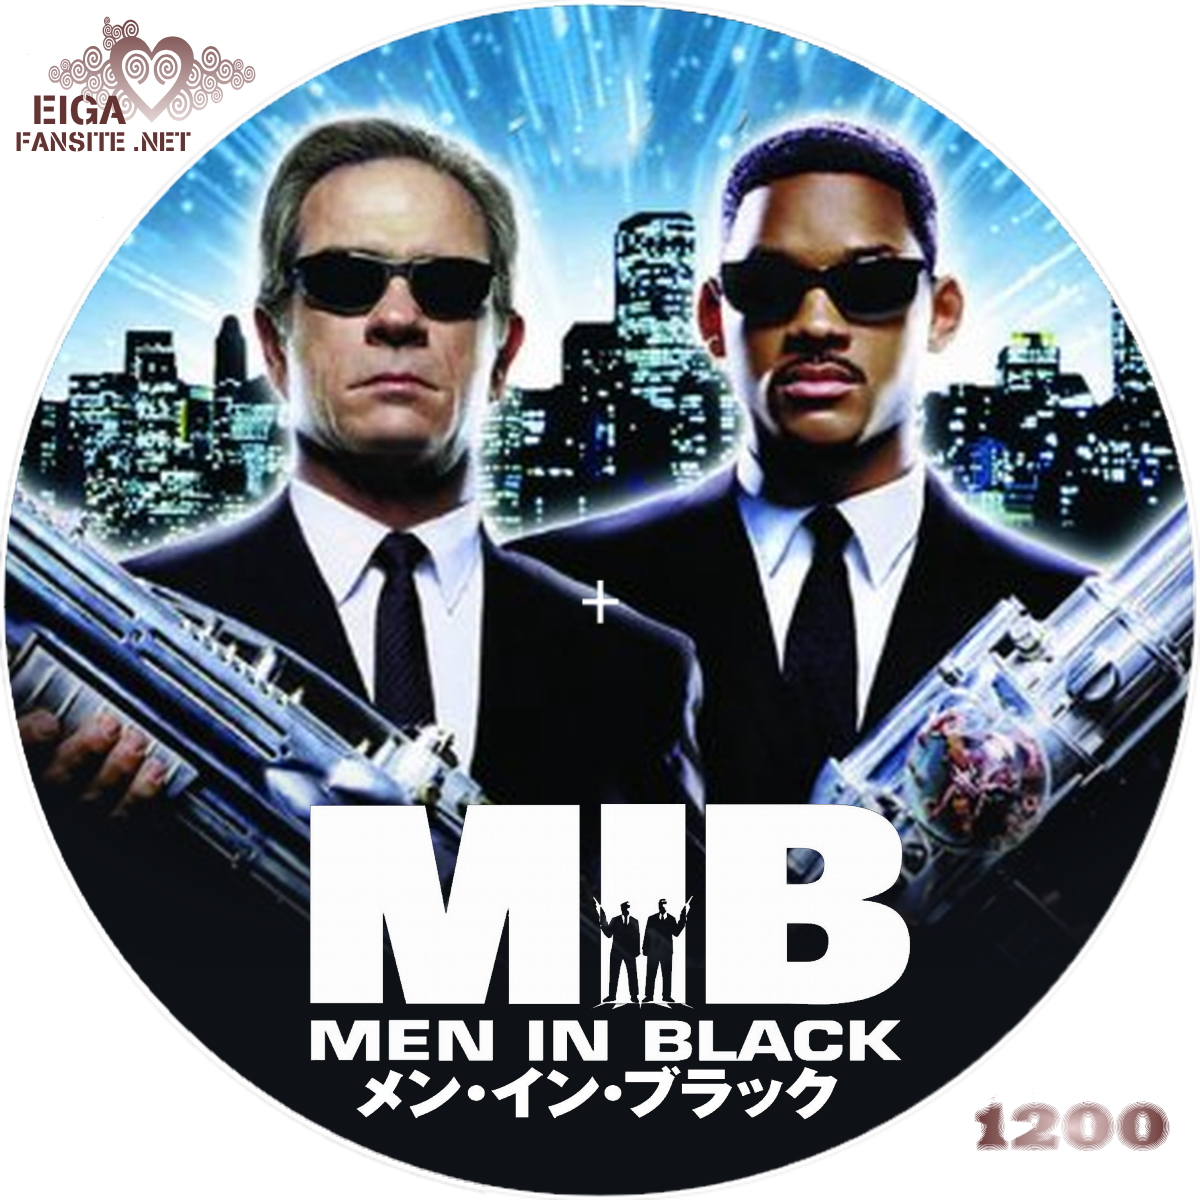 メン・イン・ブラック/MEN IN BLACK (1997)       自作DVDラベル&BDラベル      メン・イン・ブラックシリーズ第1作